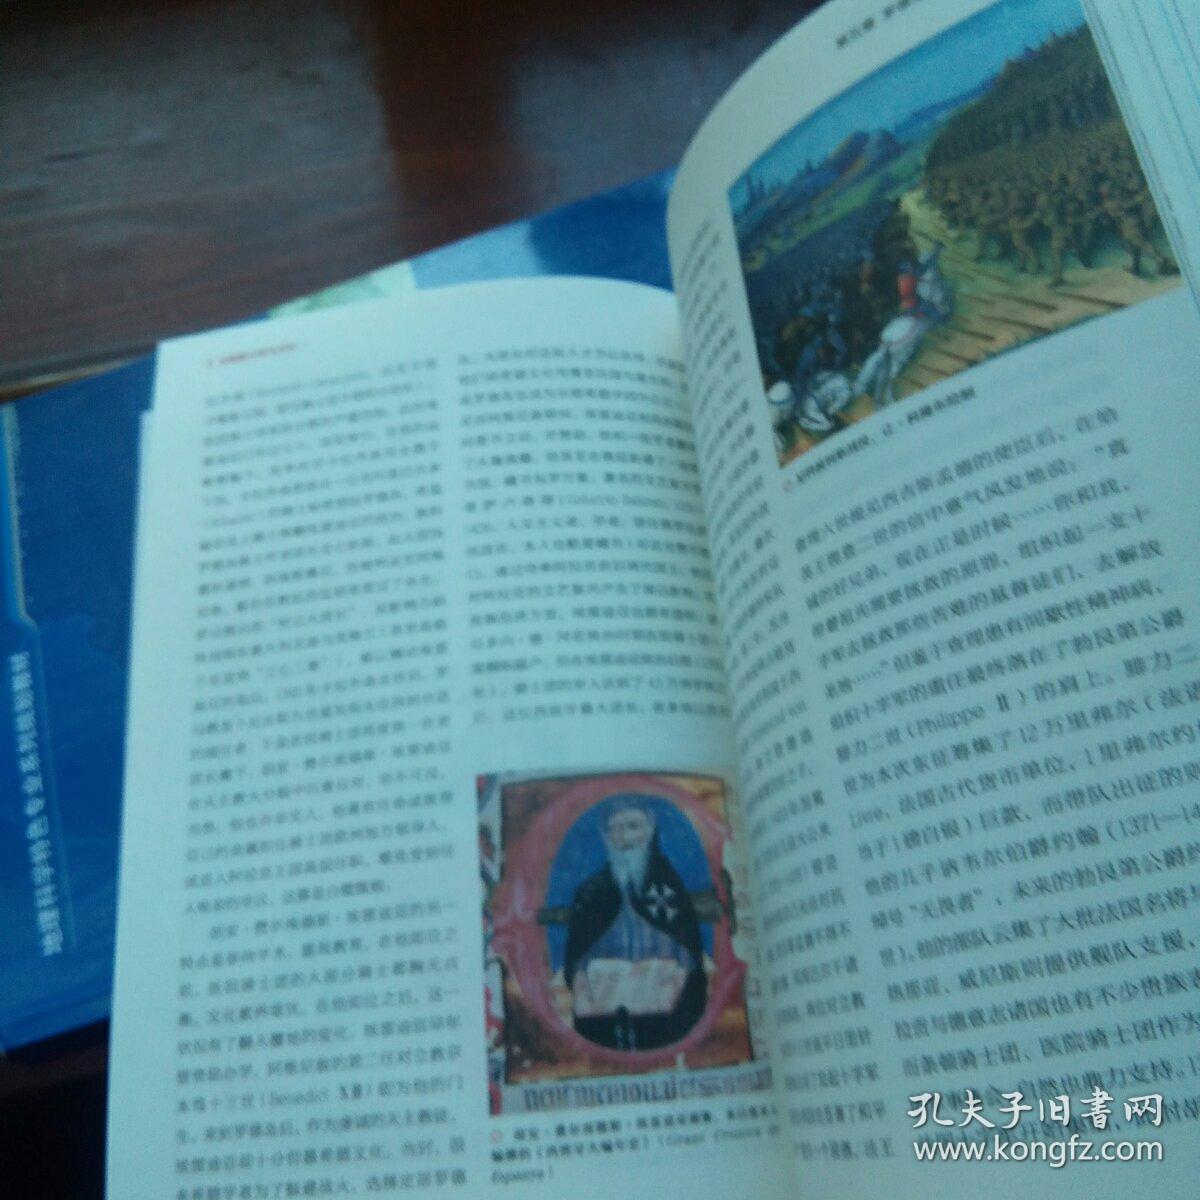 医院骑士团九百年_马千_孔夫子旧书网图片